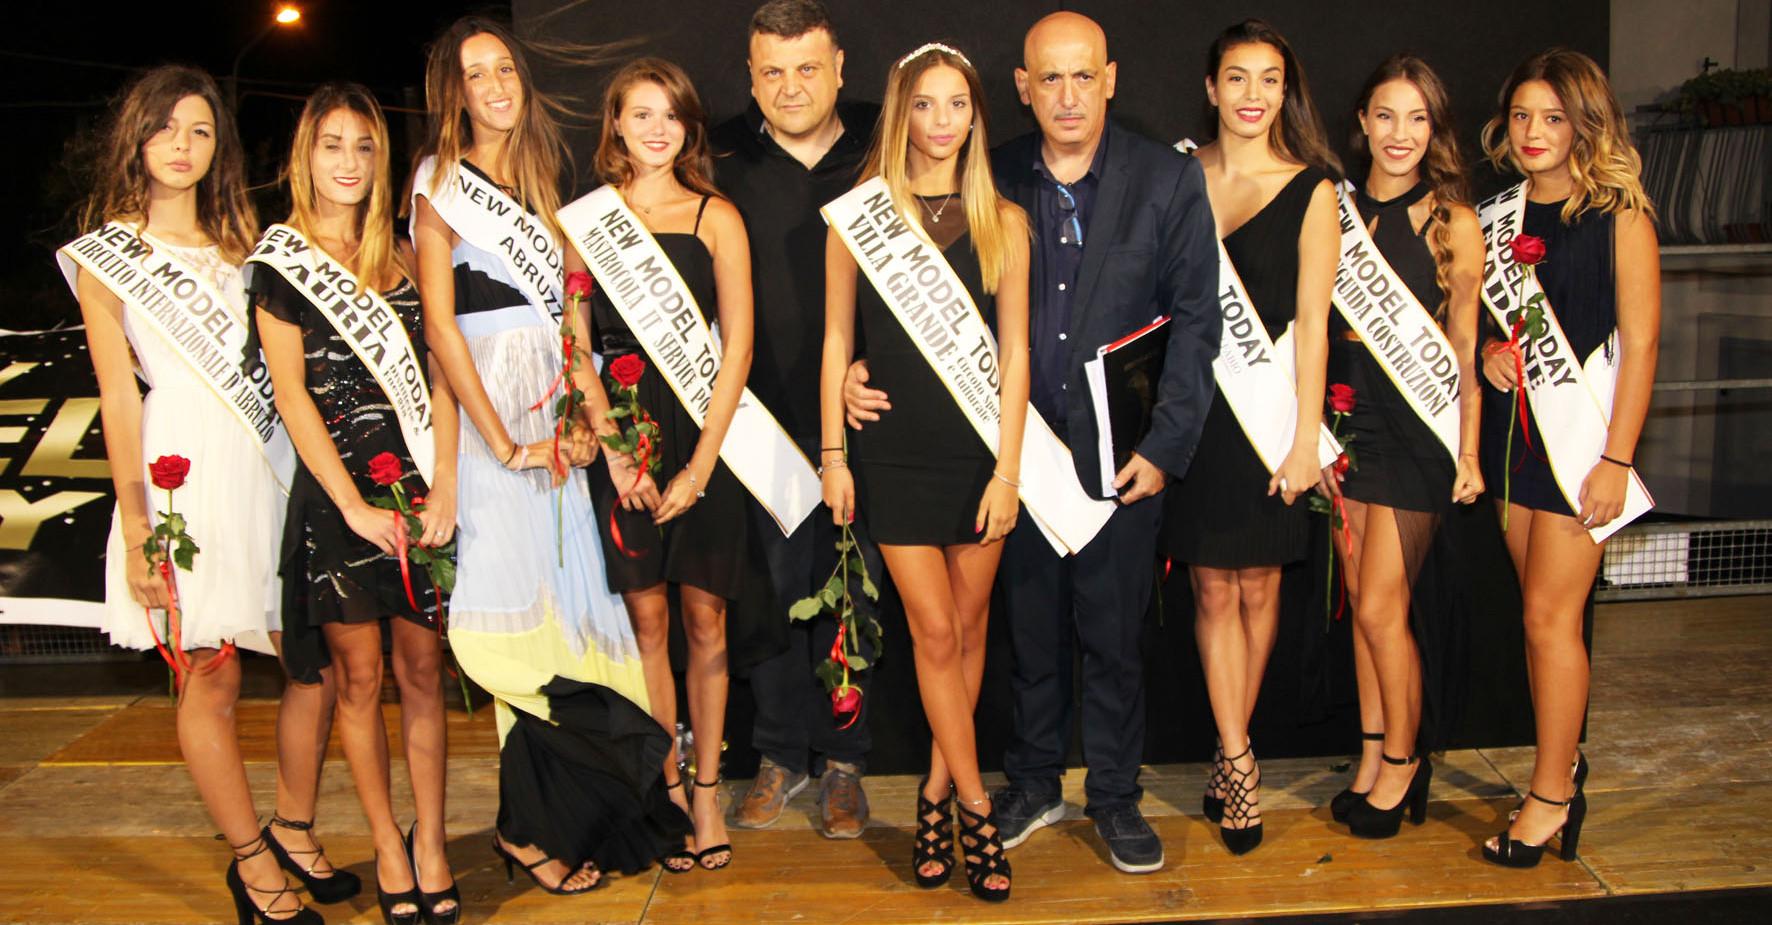 Le vincitrici del concorso